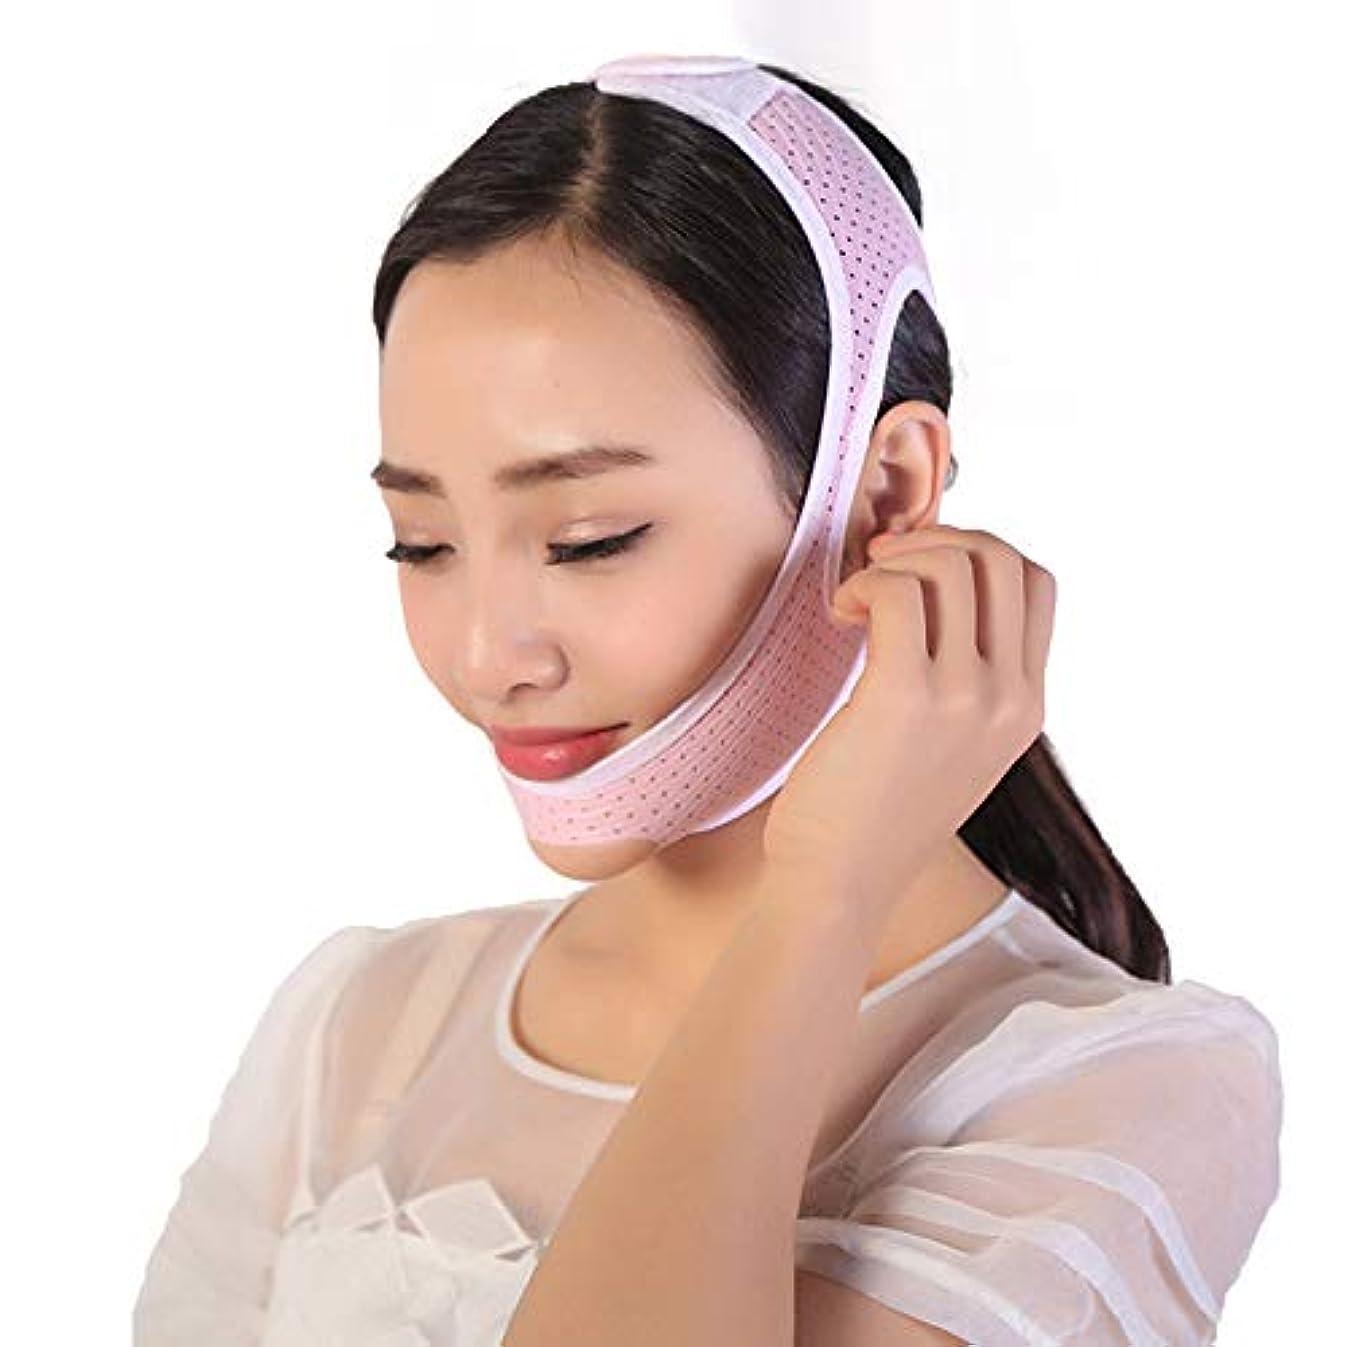 必需品後退するクリアGYZ フェイシャルリフティングスリミングベルト - 薄型フェイス包帯ダブルチンデバイスフェイシャルマッサージアンチエイジングリンクルフェイスマスクベルト Thin Face Belt (Size : L)